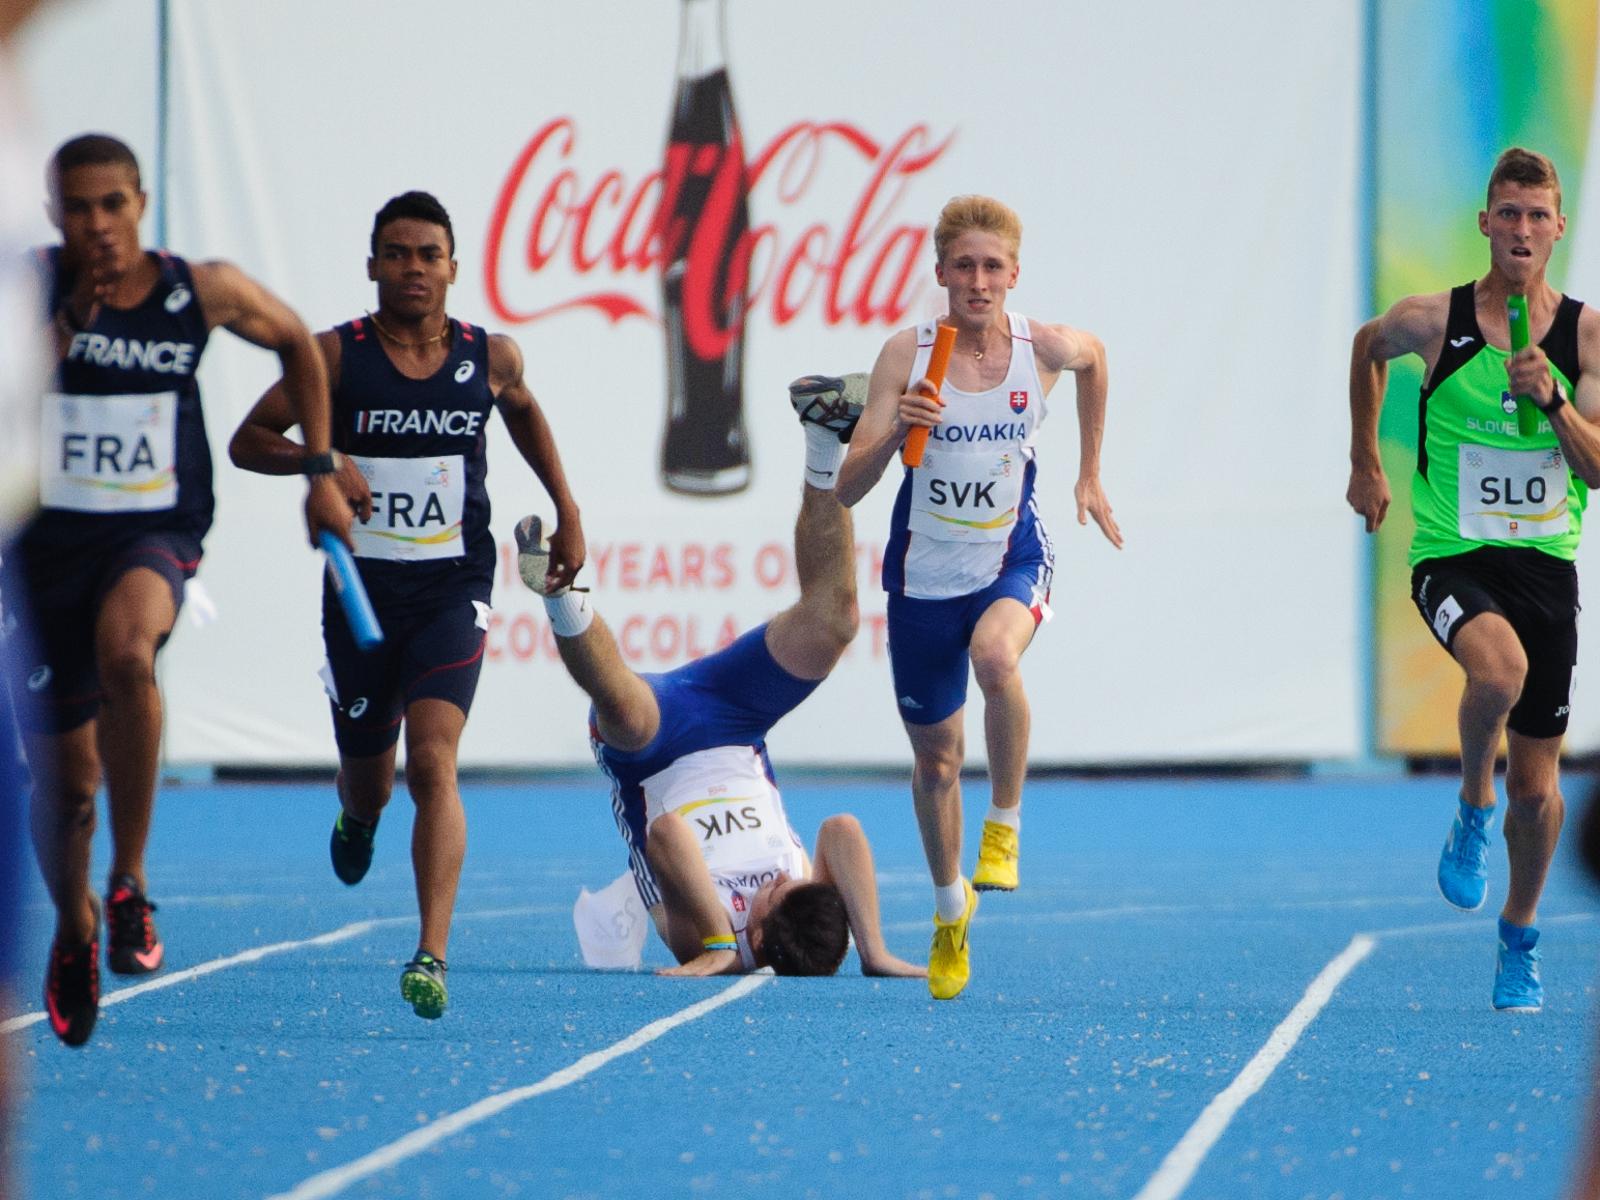 Adrian Baran po kolízii s Jakubom Bendom počas štafety 4x100m, Európsky olympijsky festival mládeže, Piatok, 31. Júla 2015, Tbilisi, Gruzínsko